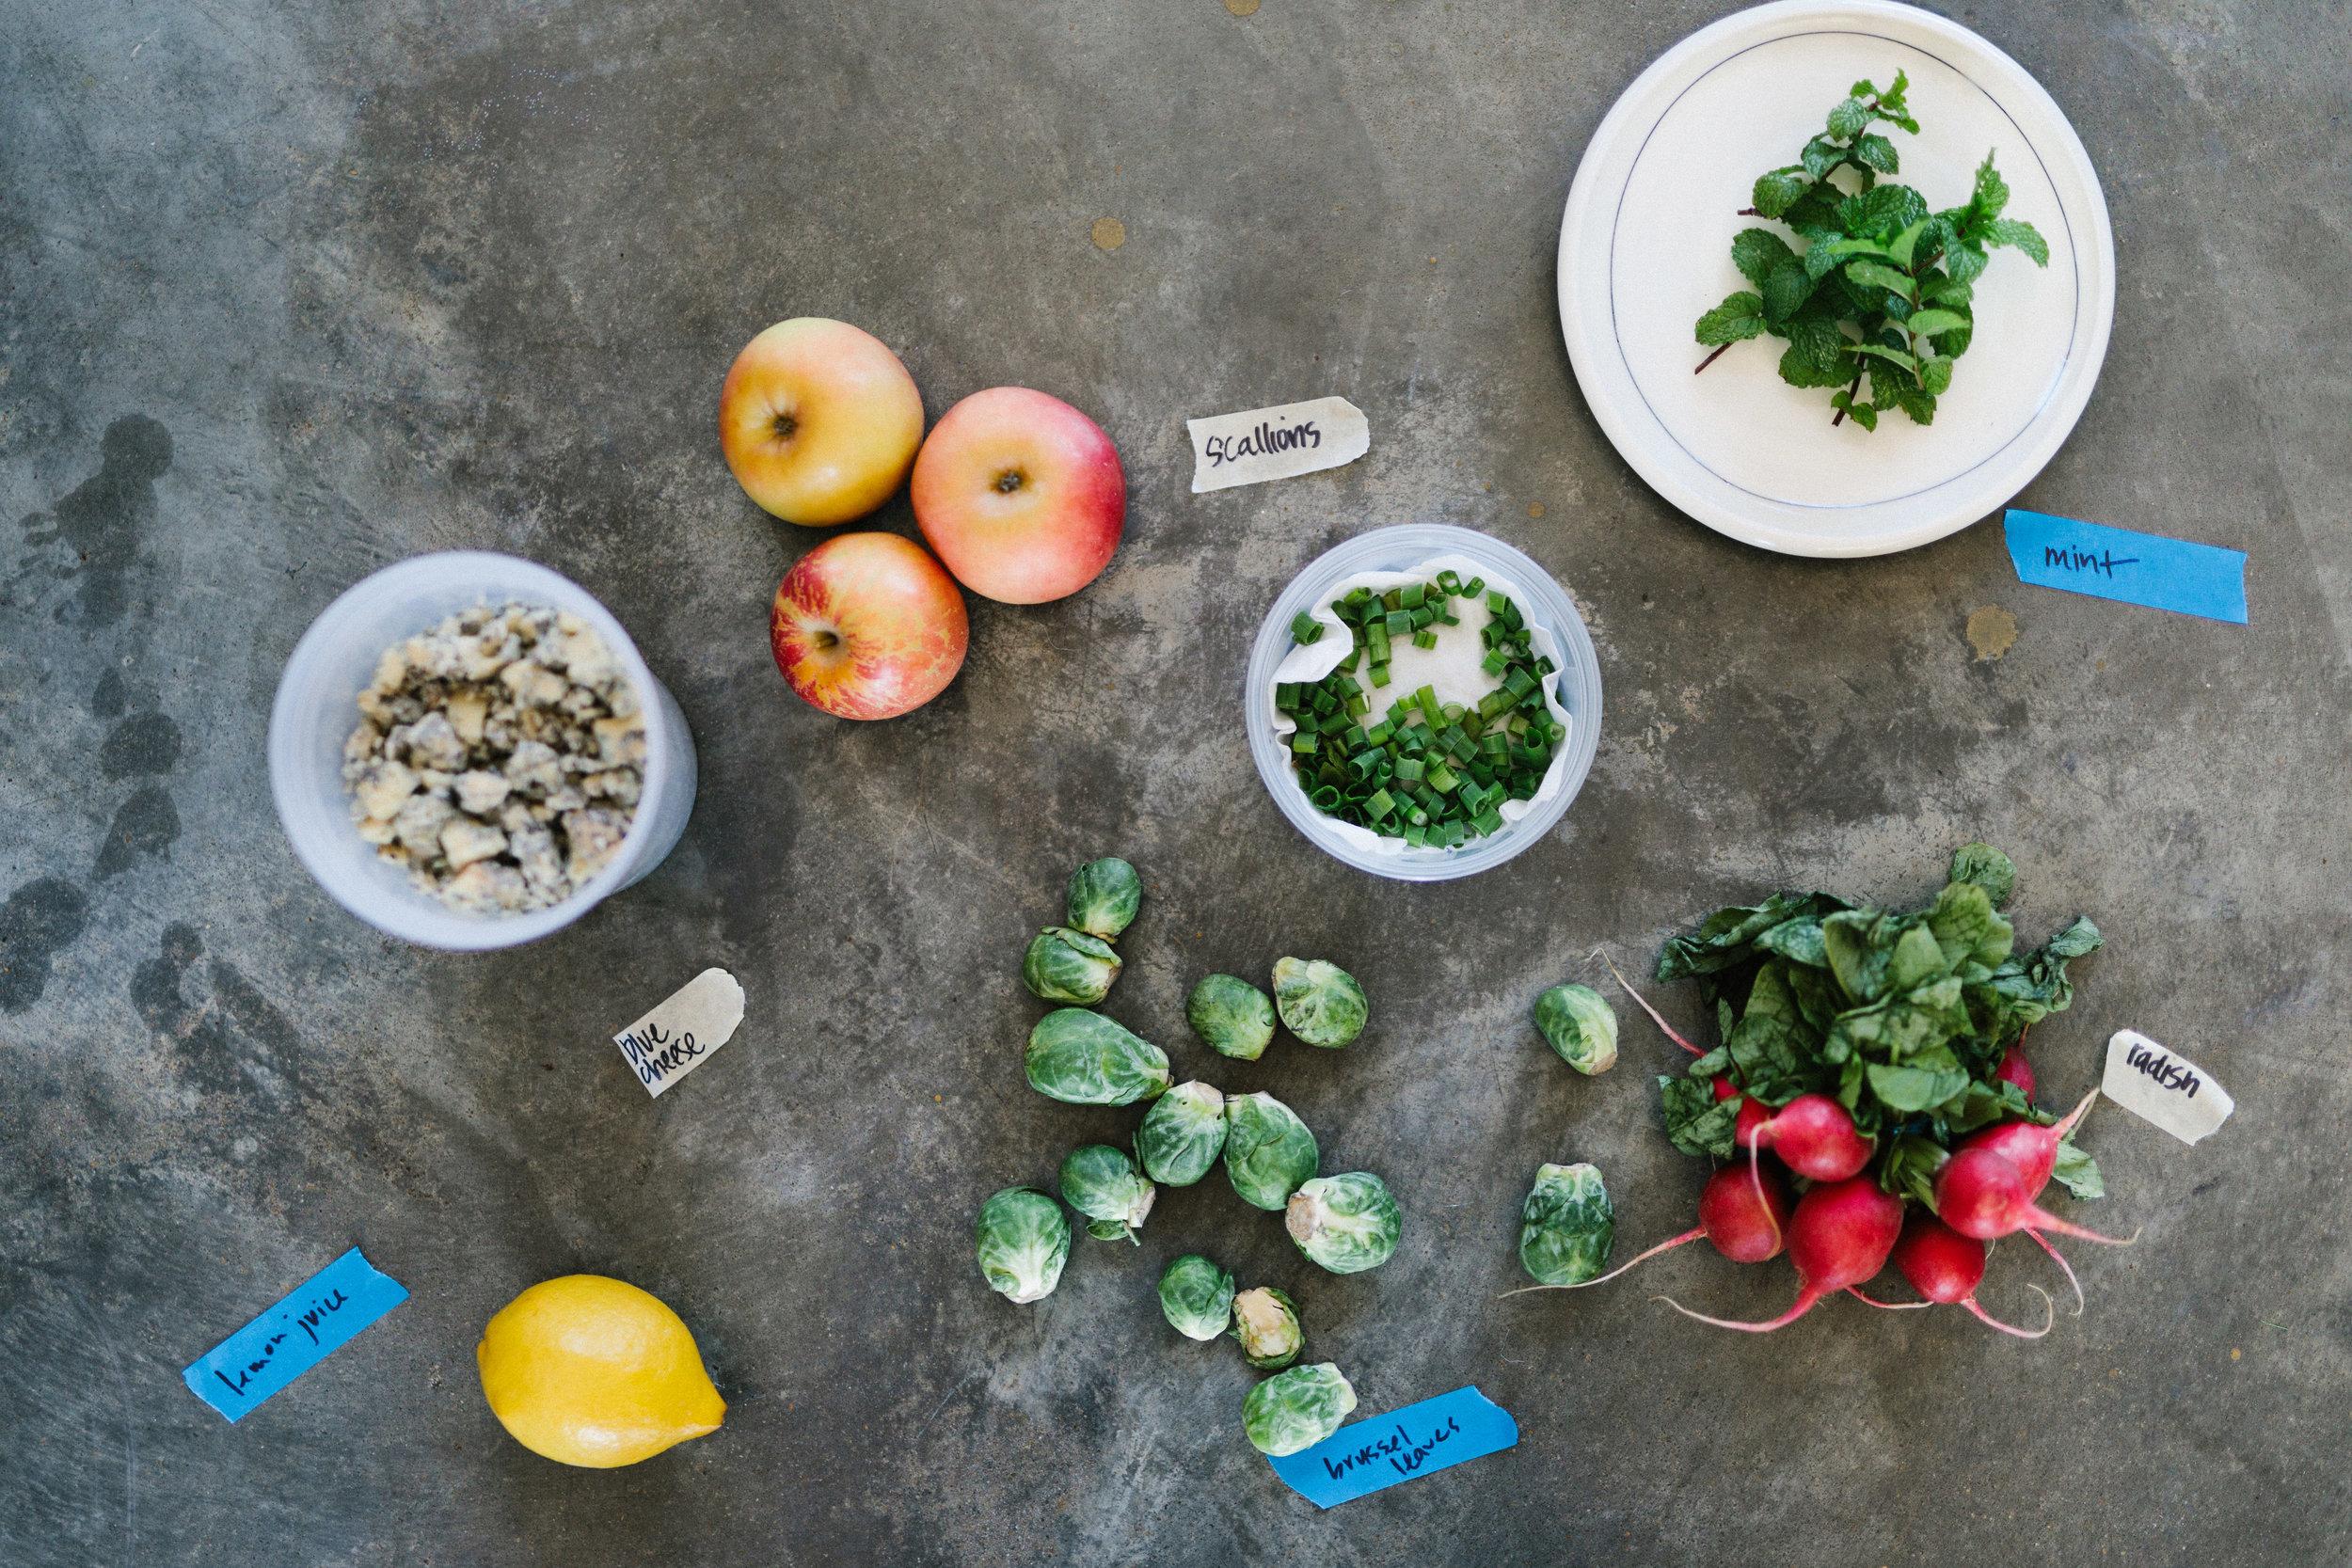 brussel salad_credit baxter miller-1.jpg